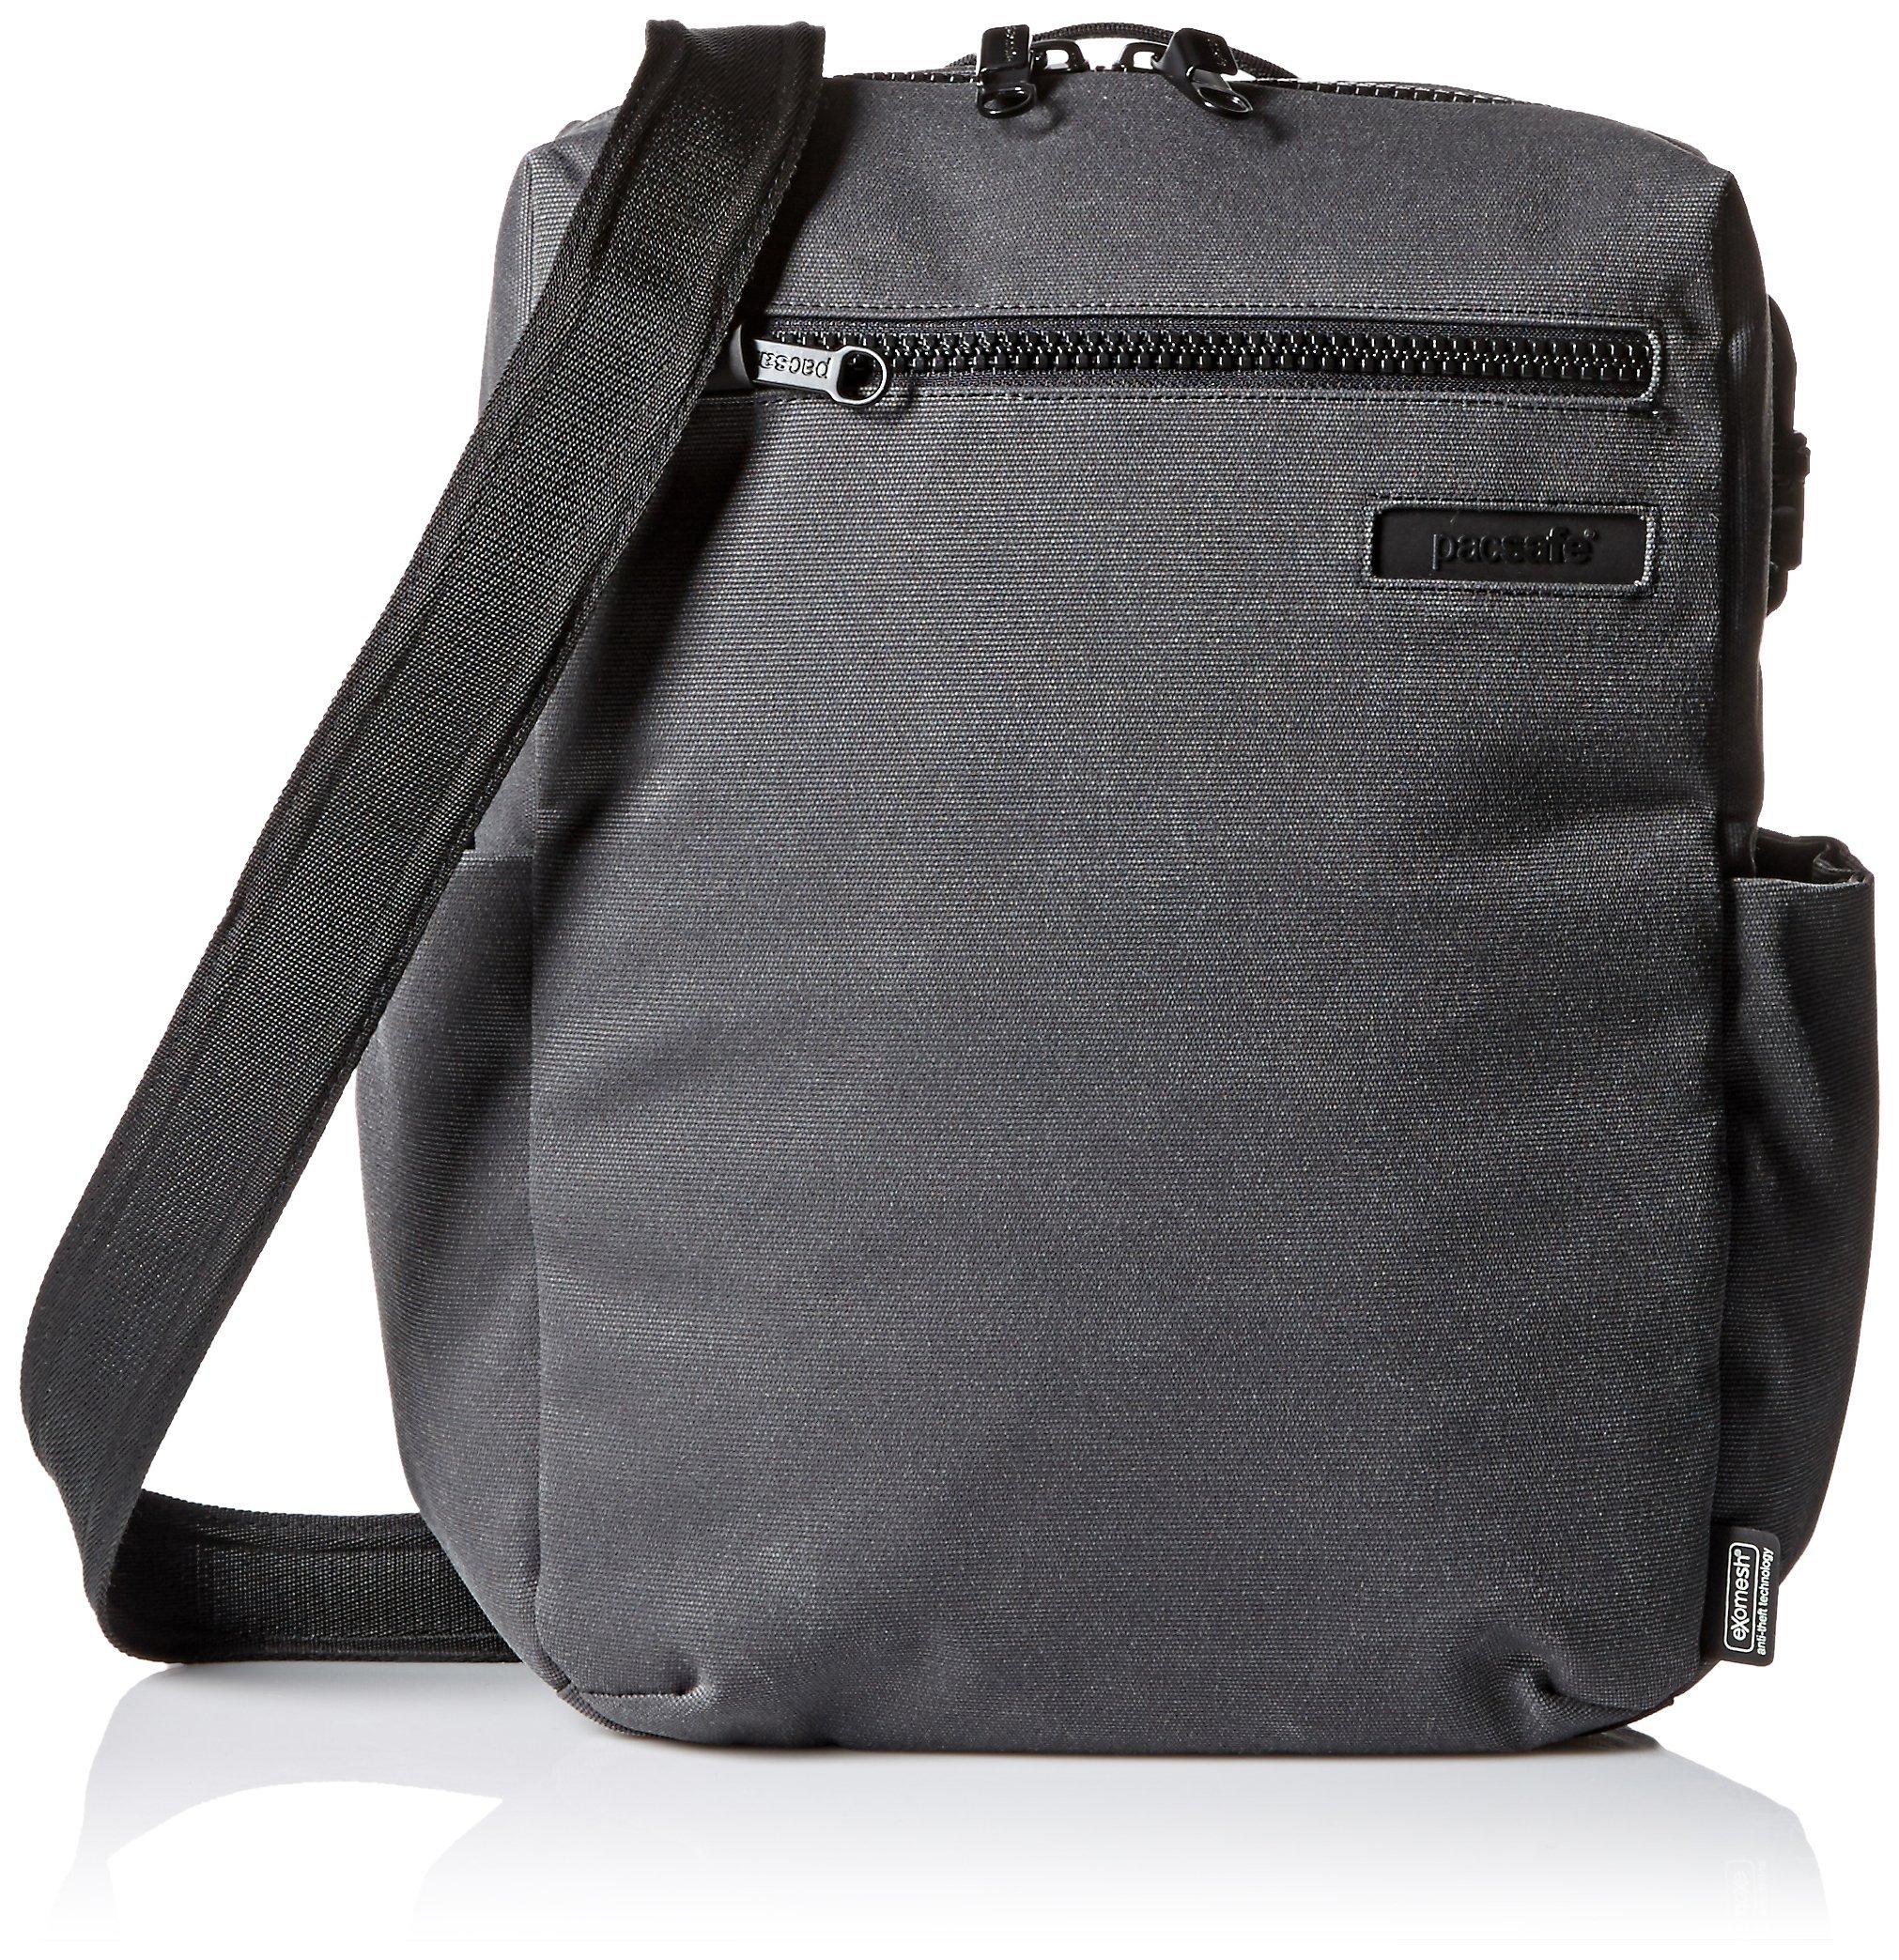 Pacsafe Intasafe Z250 Anti-Theft Travel Bag, Charcoal